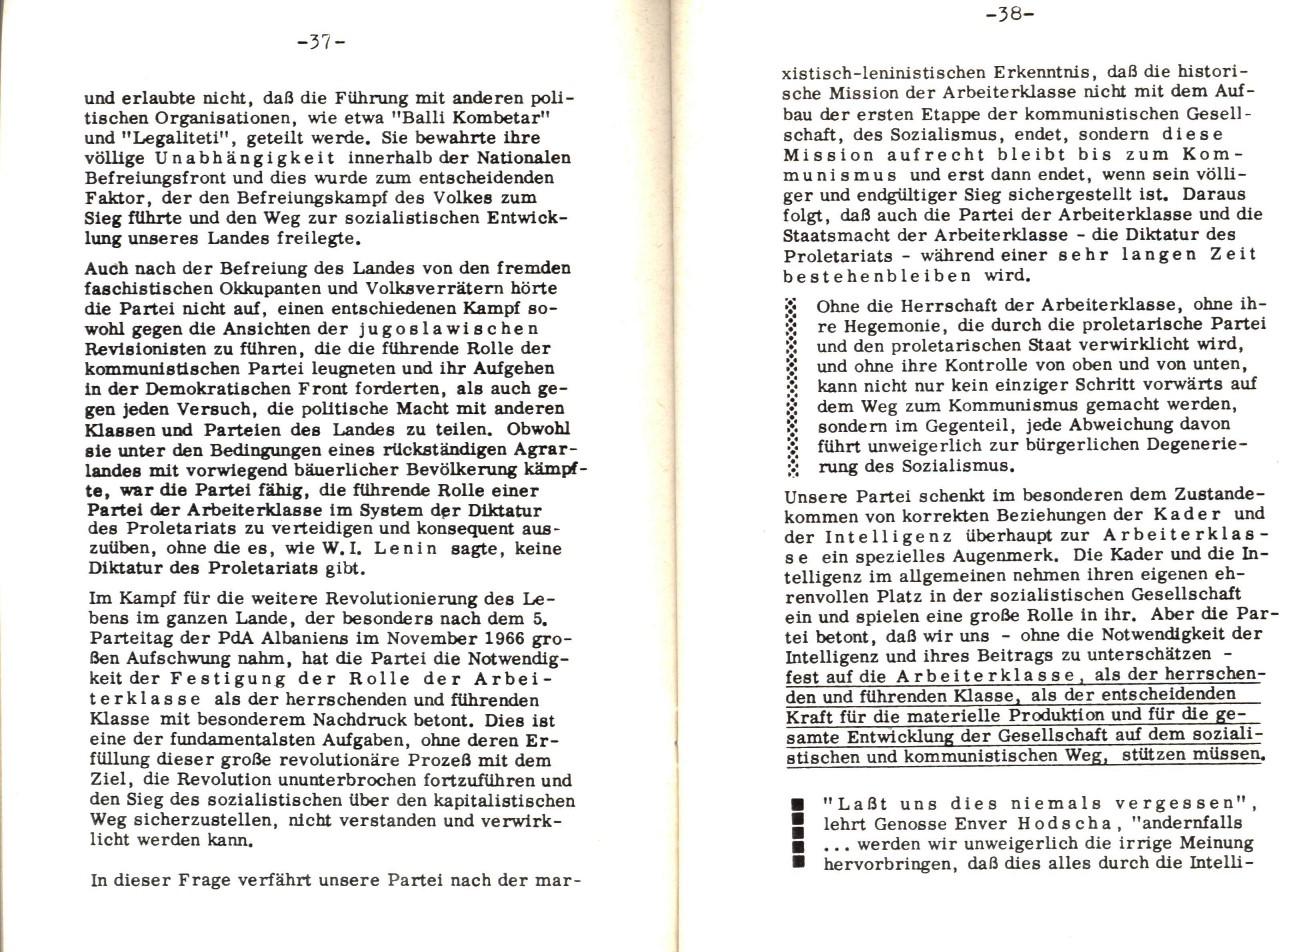 MLSK_Theorie_und_Praxis_des_ML_1978_23_22